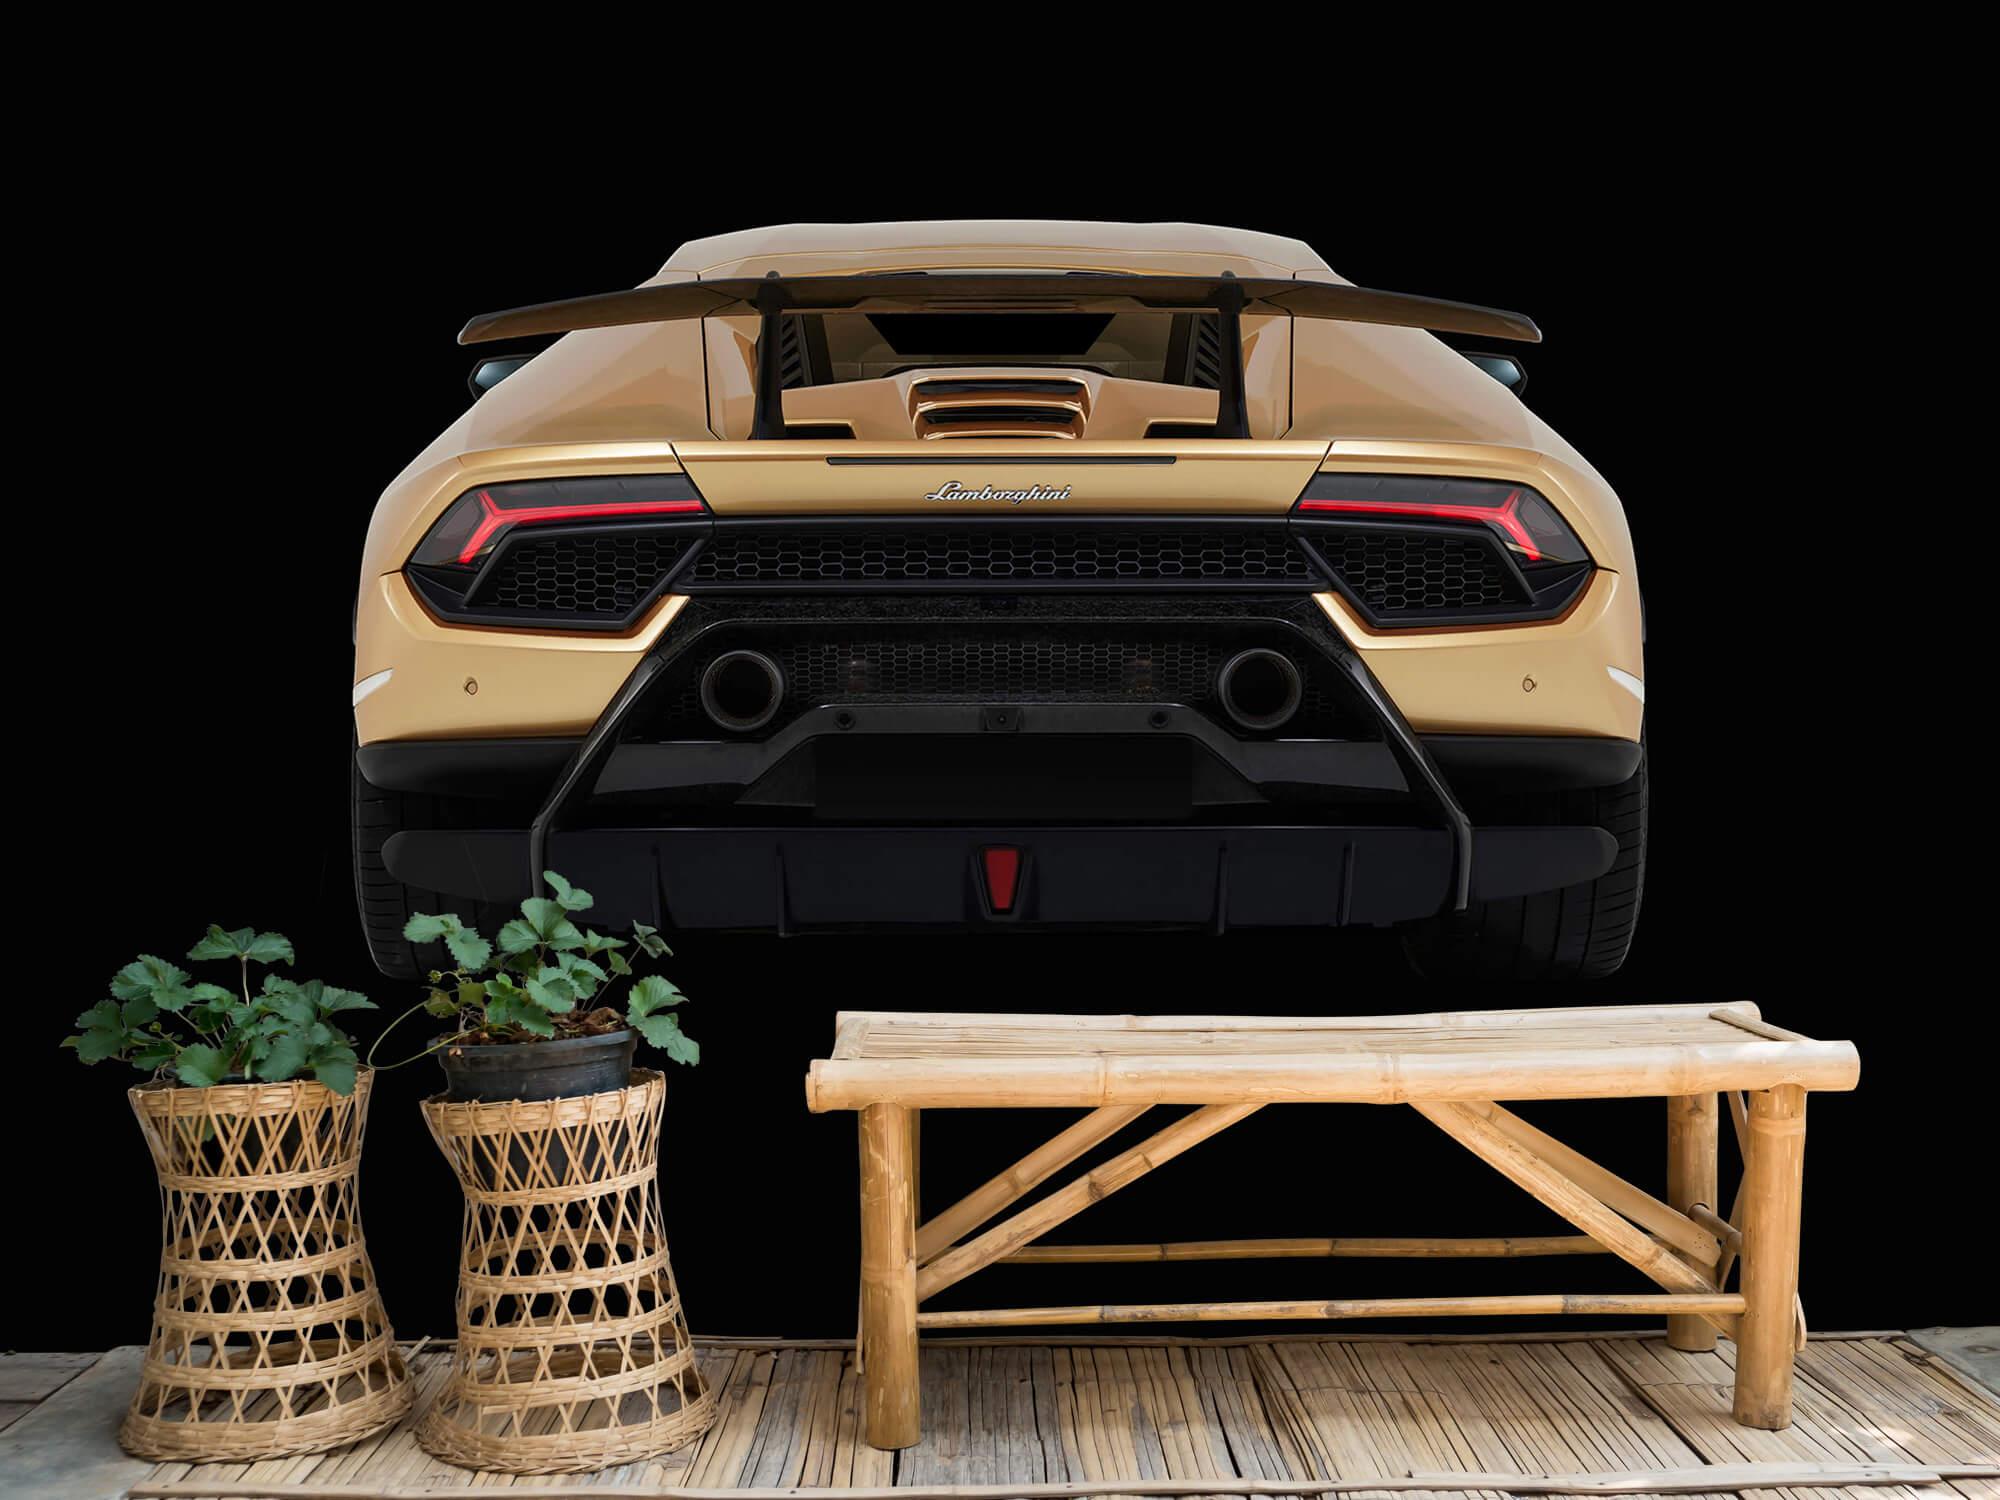 Wallpaper Lamborghini Huracán - Bak, svart 3